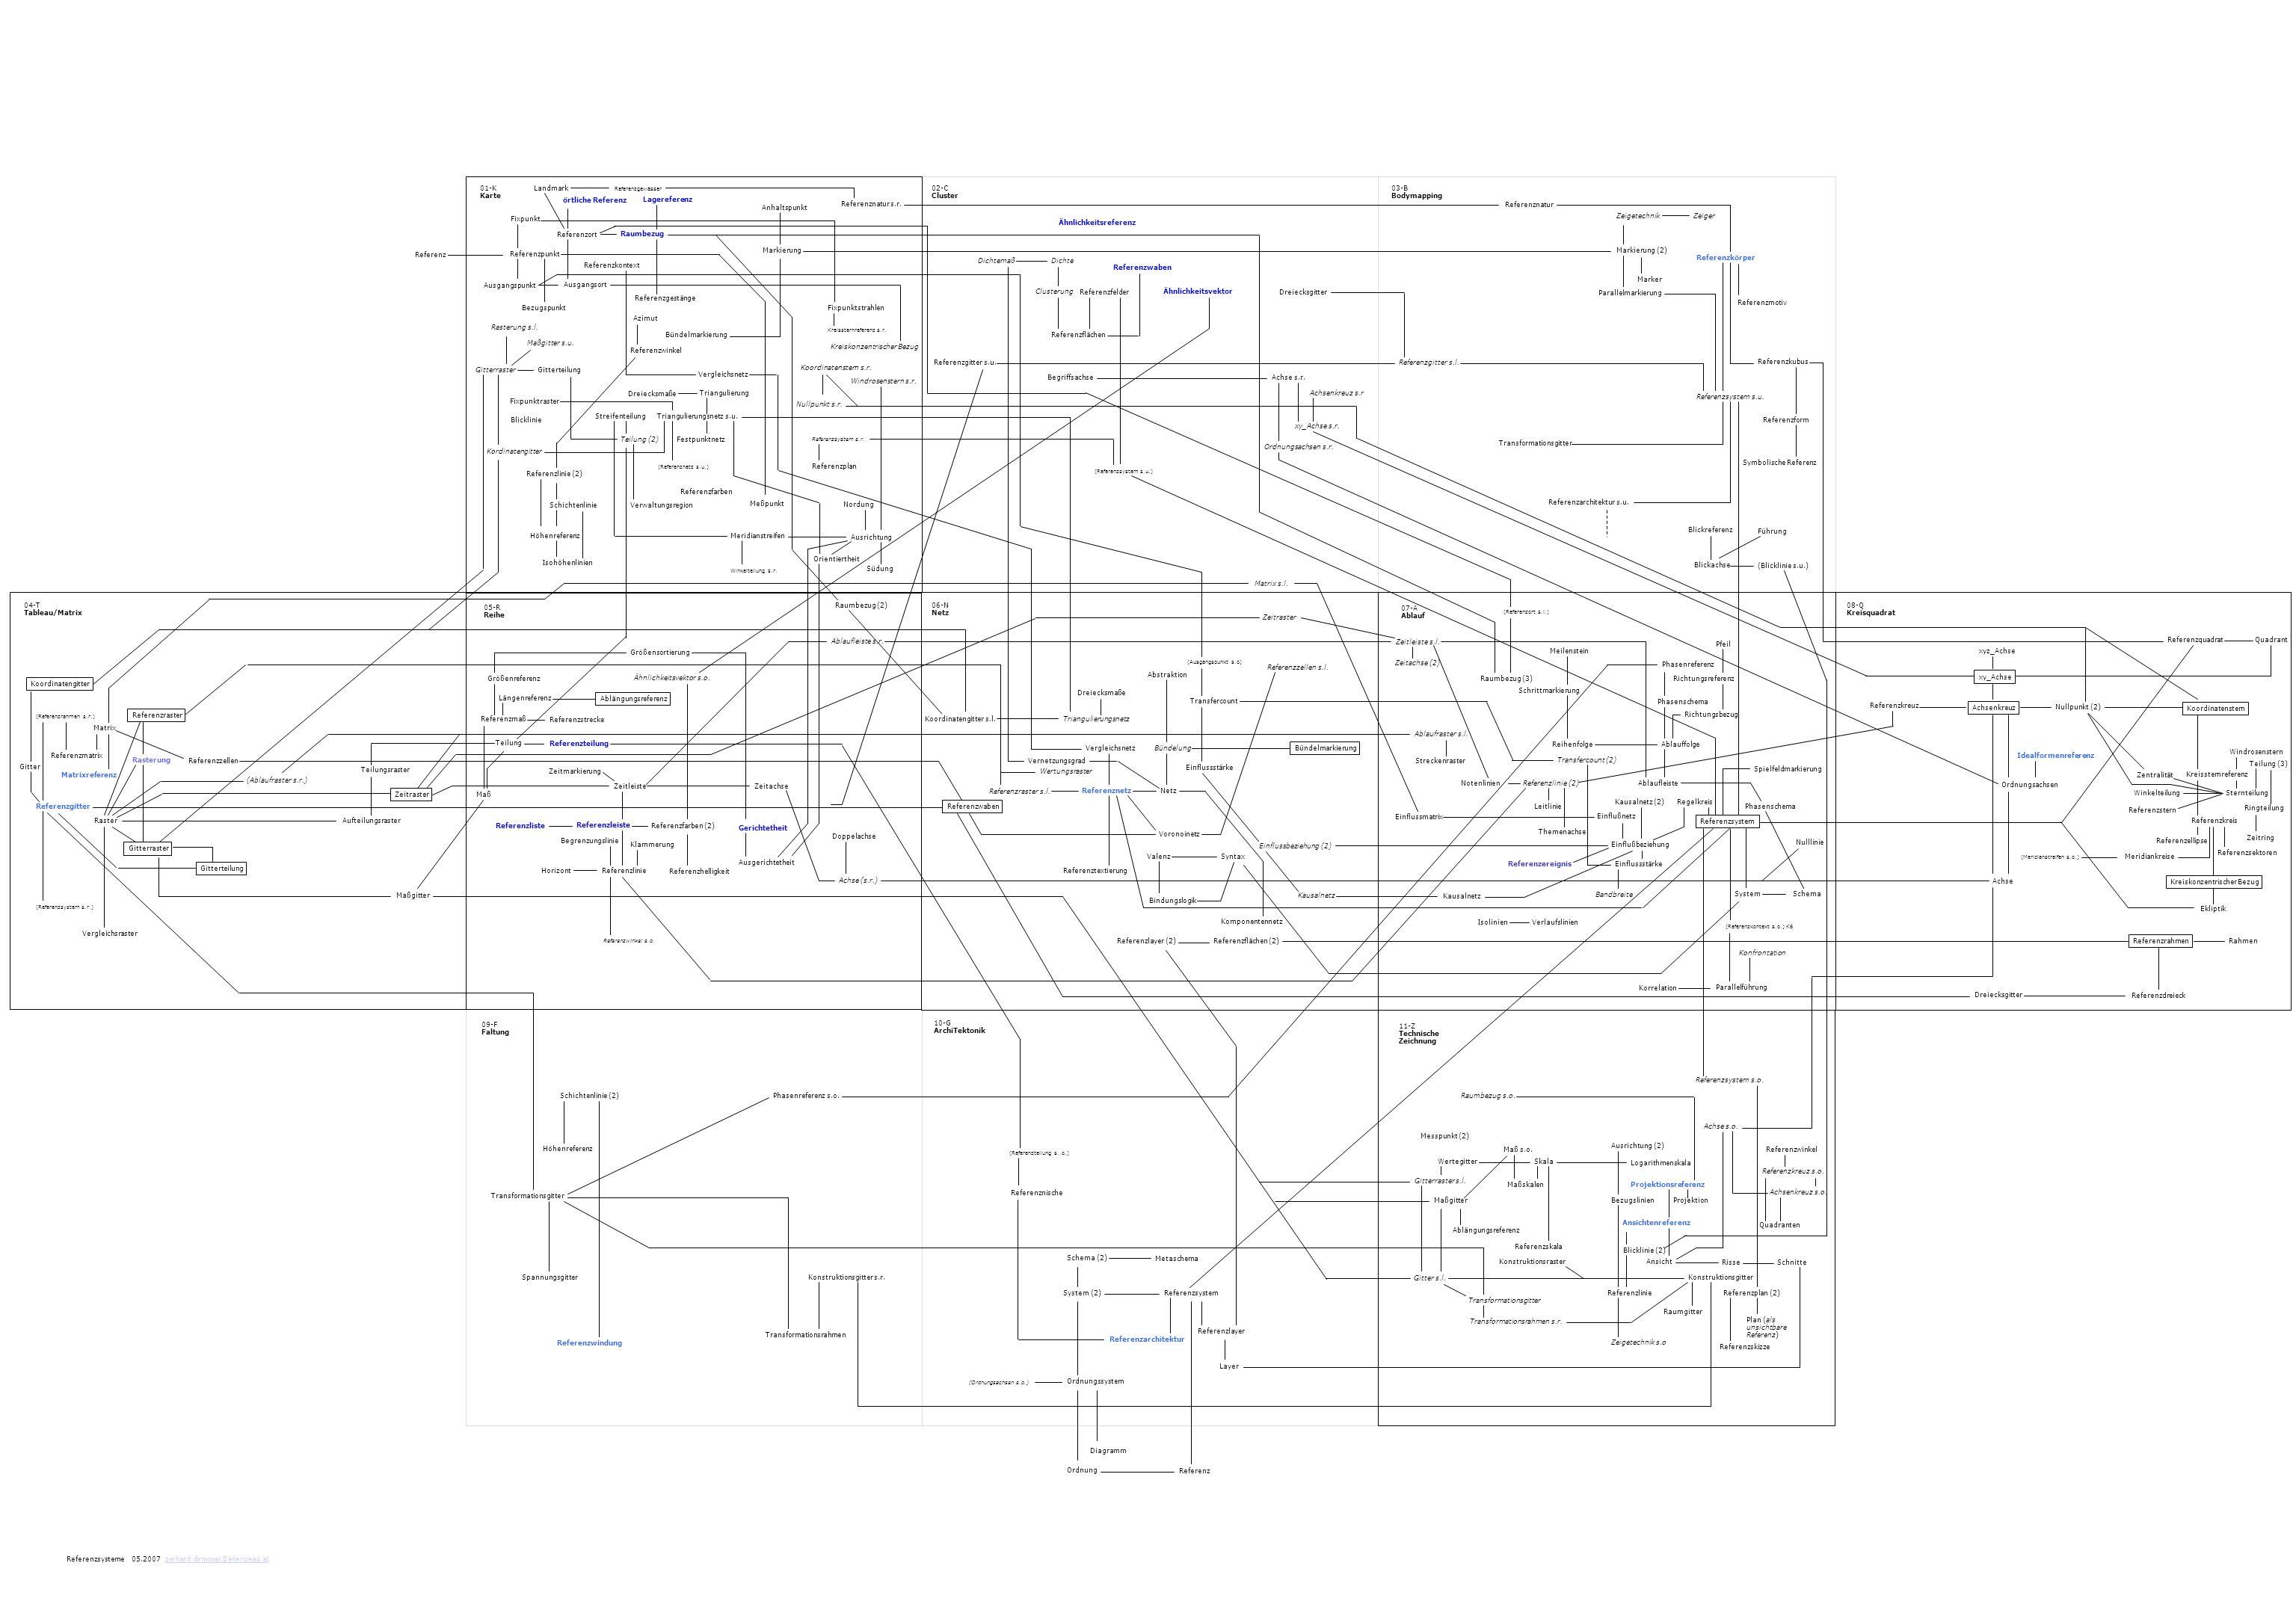 Referenzmatrix 04-T Tableau/Matrix Matrixreferenz Referenzgitter Vergleichsraster Referenzwaben Referenzraster Koordinatengitter Gitterraster Gitterte